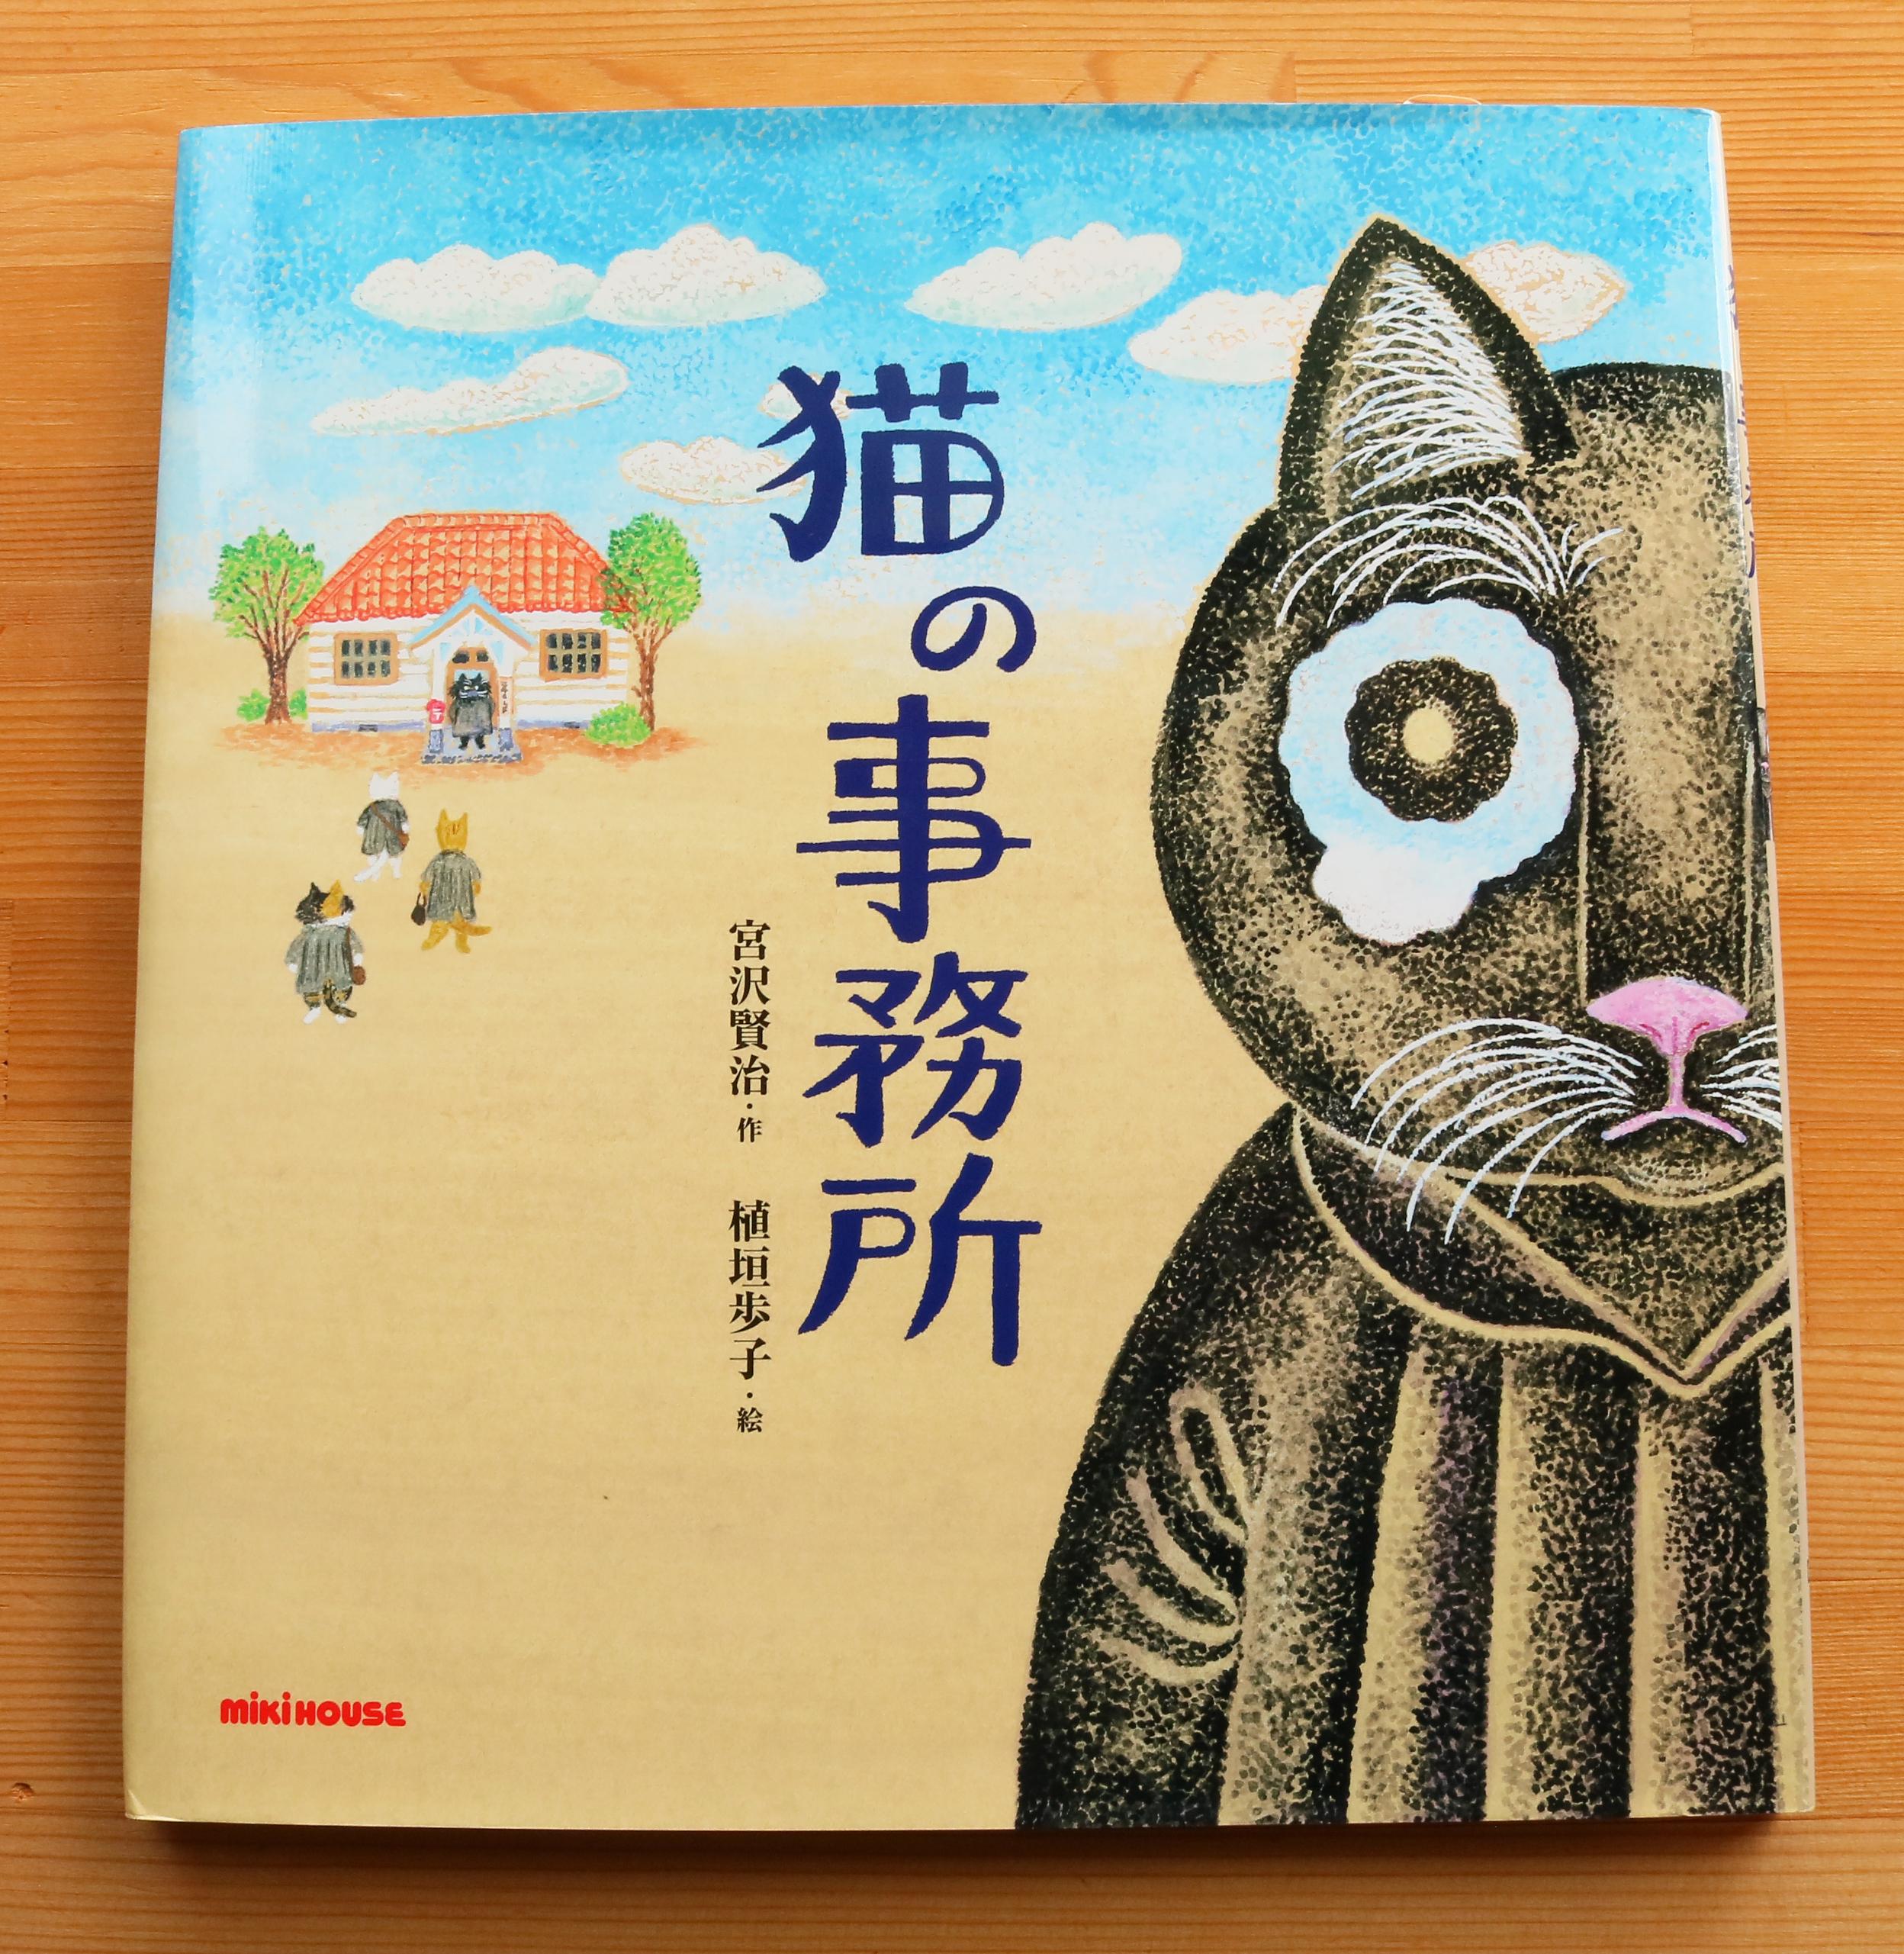 猫絵本 絵本 秋田 かぎしっぽ 宮沢賢治